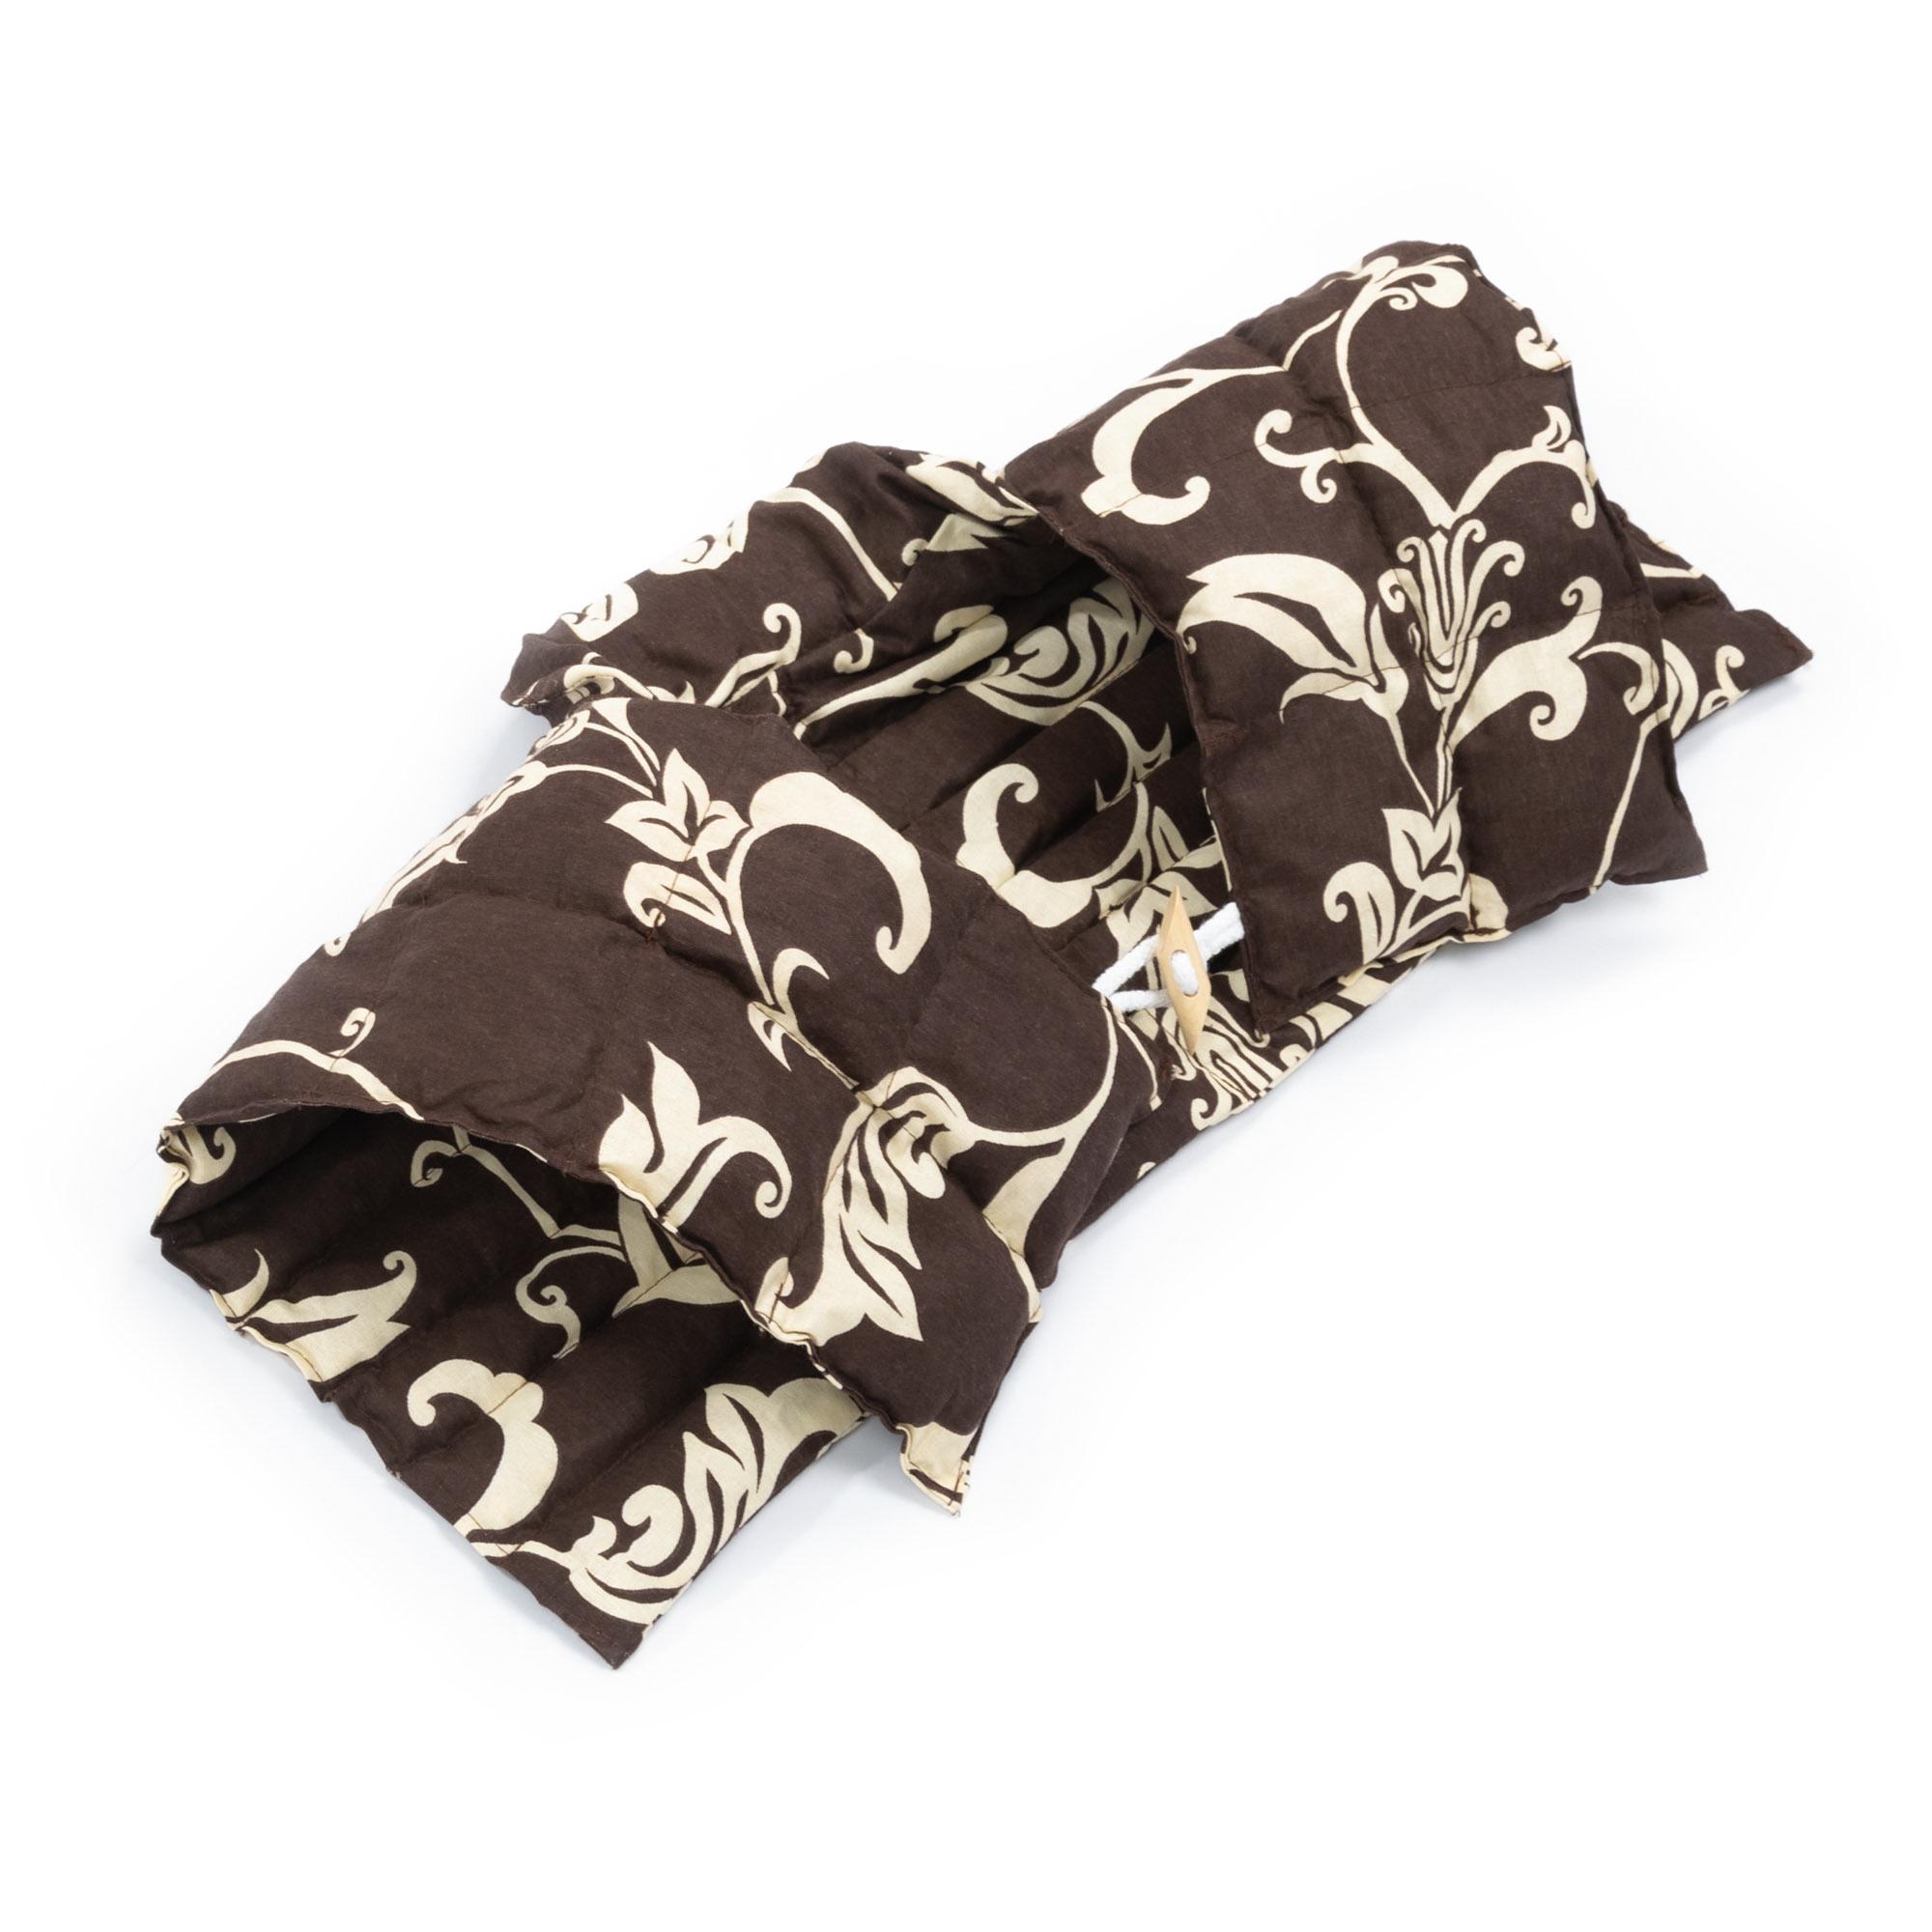 Kirschkernkissen Nackenhörnchen mit Rückenteil und Stehkragen Nackenwärmer Schokolade